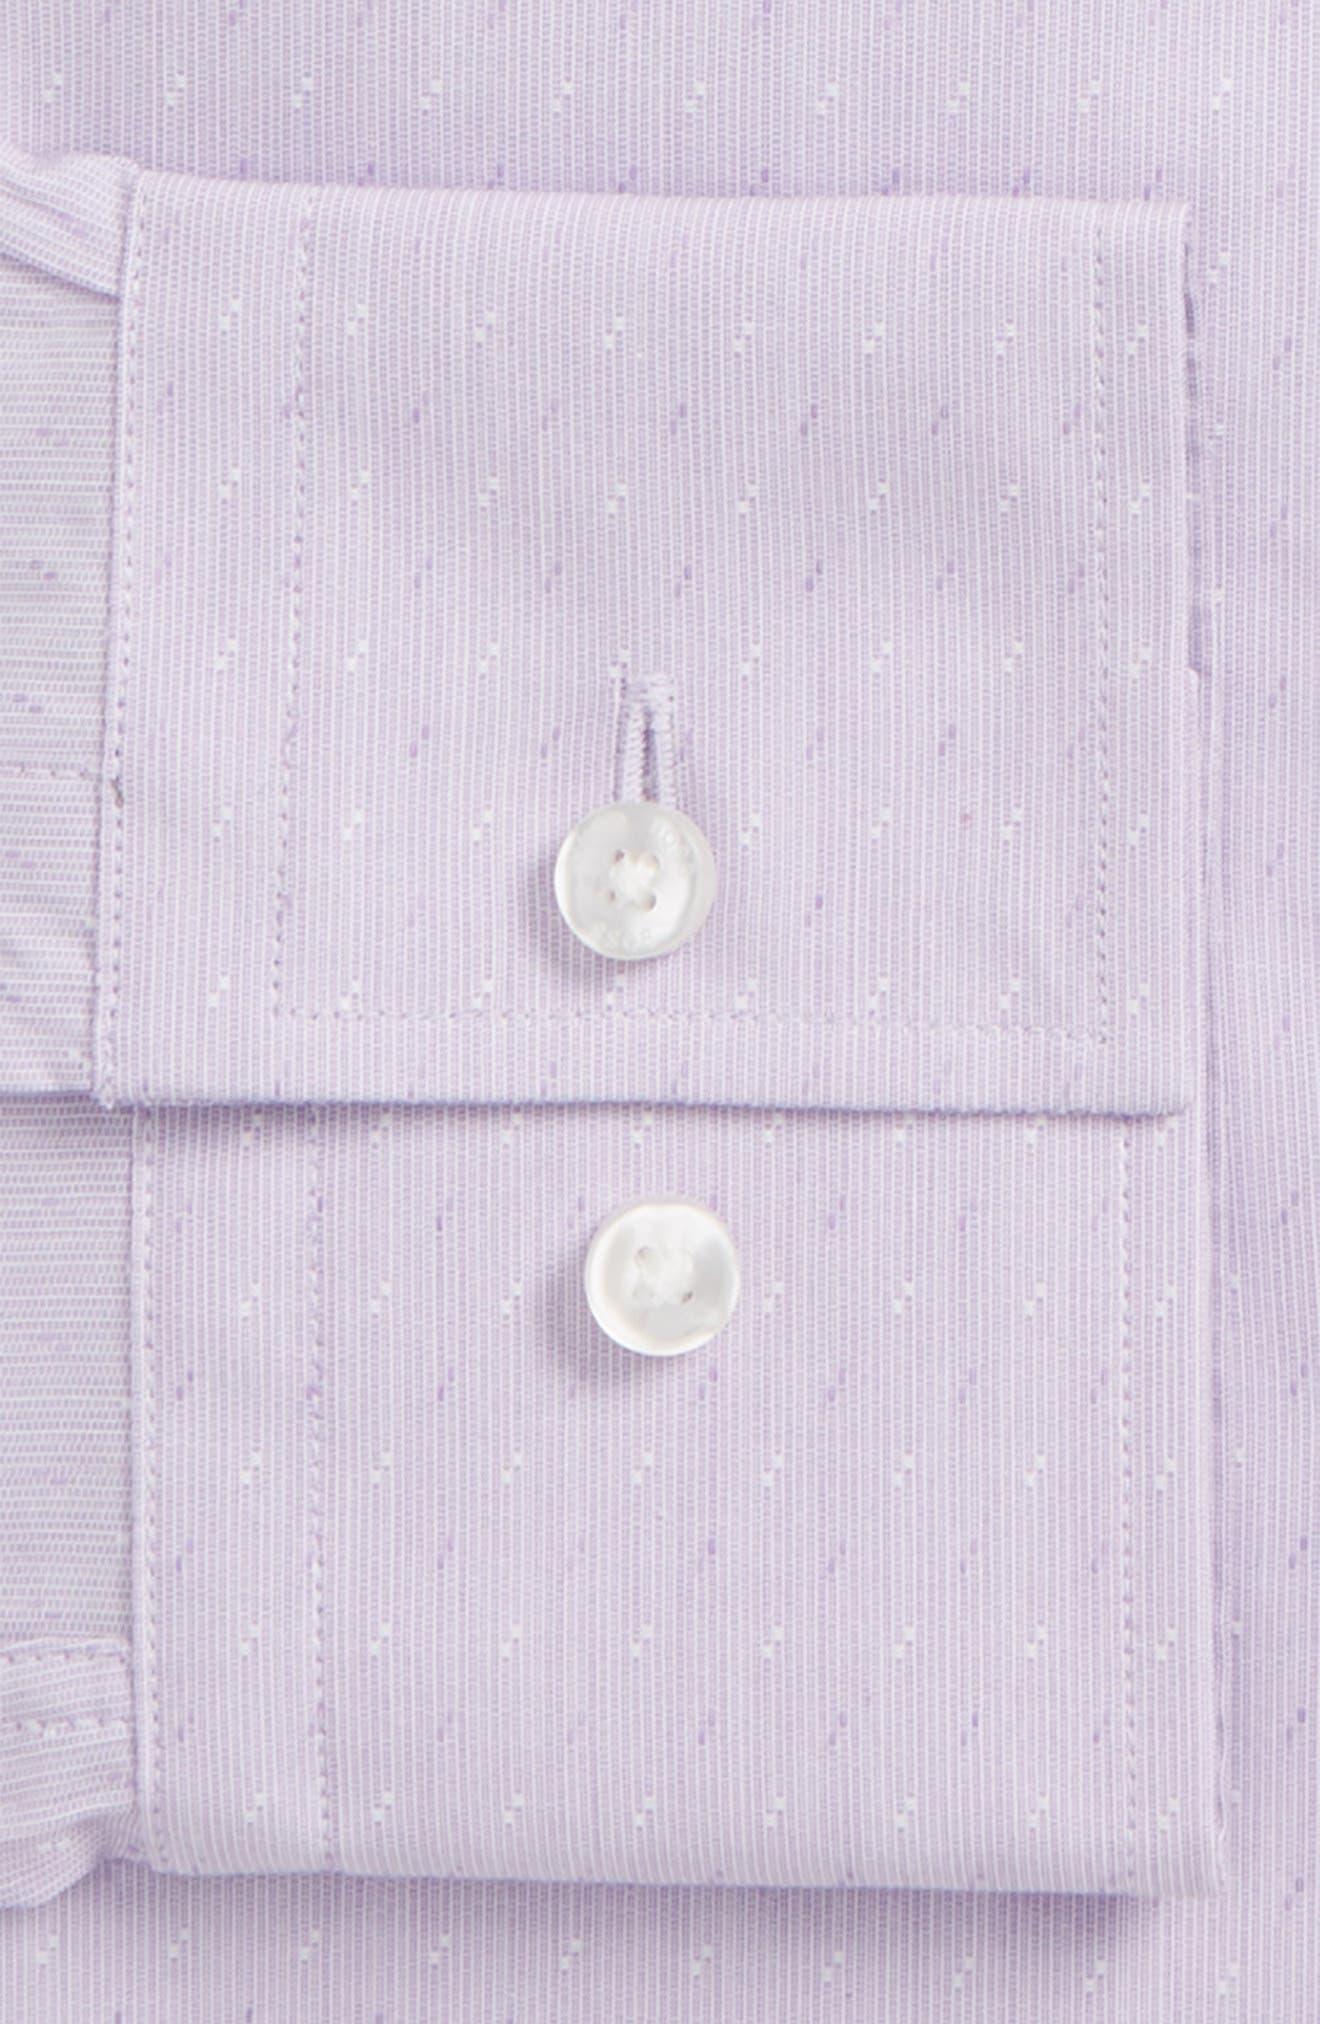 Jenno Slim Fit Dress Shirt,                             Alternate thumbnail 2, color,                             Light Purple